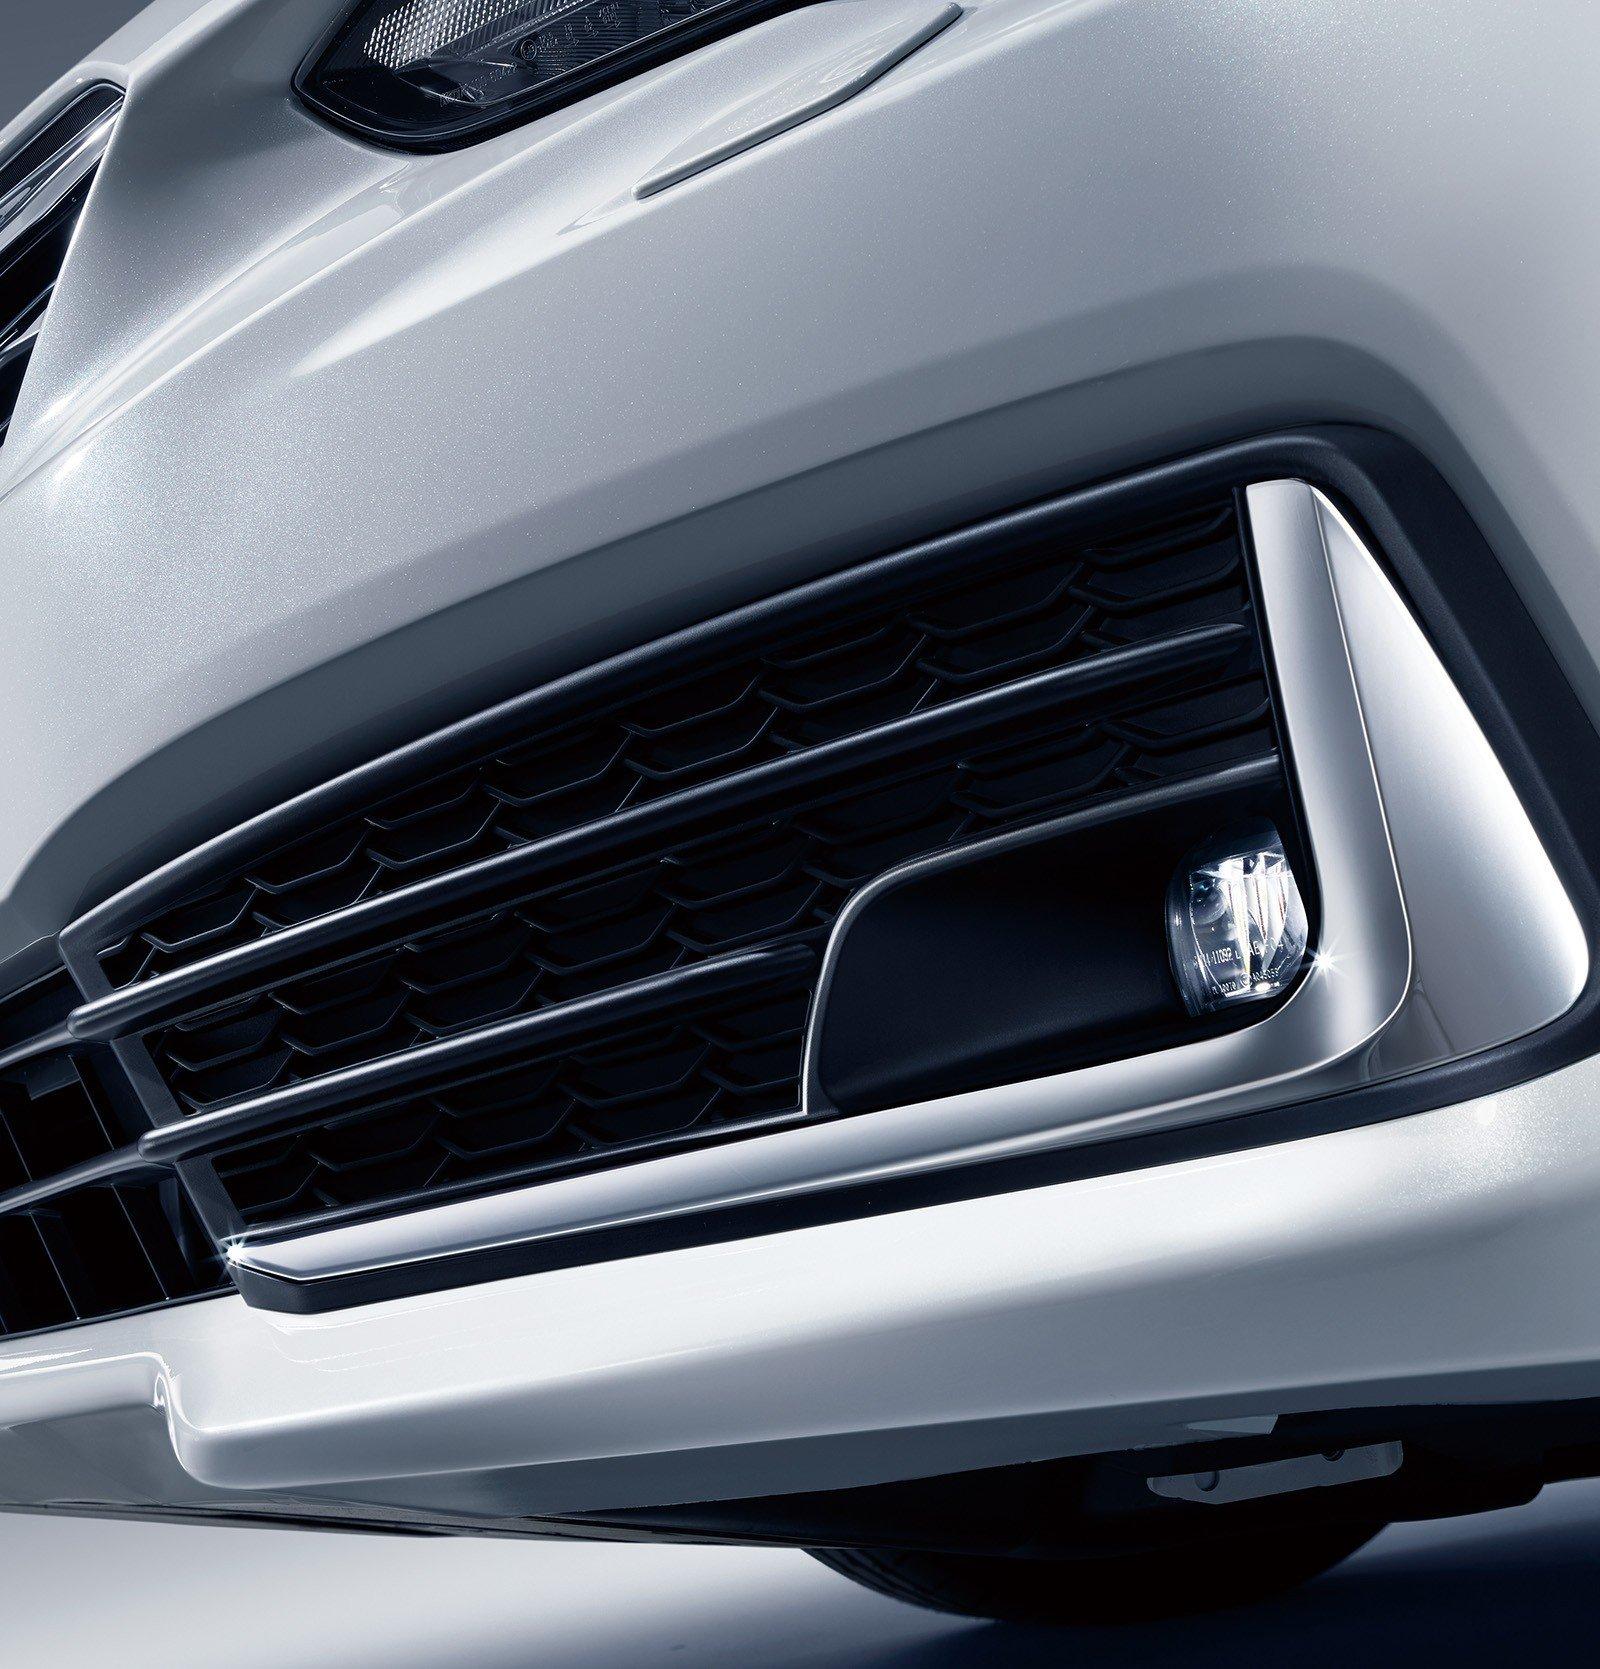 Subaru-Impreza-facelift-18